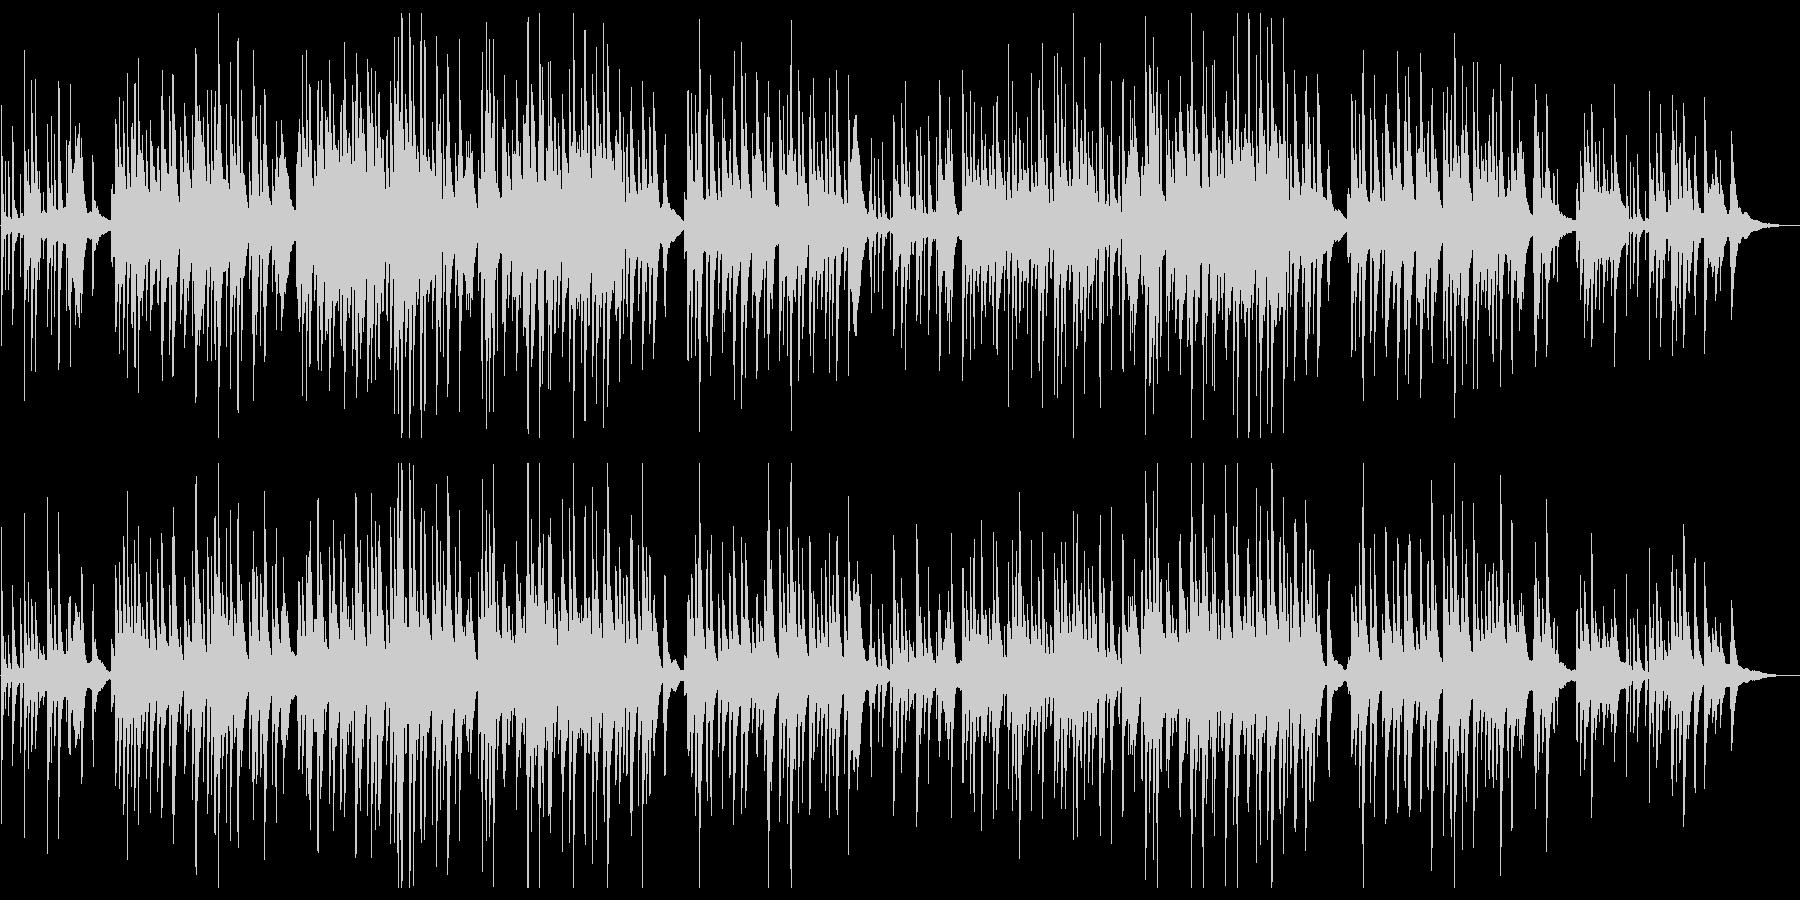 しっとりと切ないピアノバラードの未再生の波形